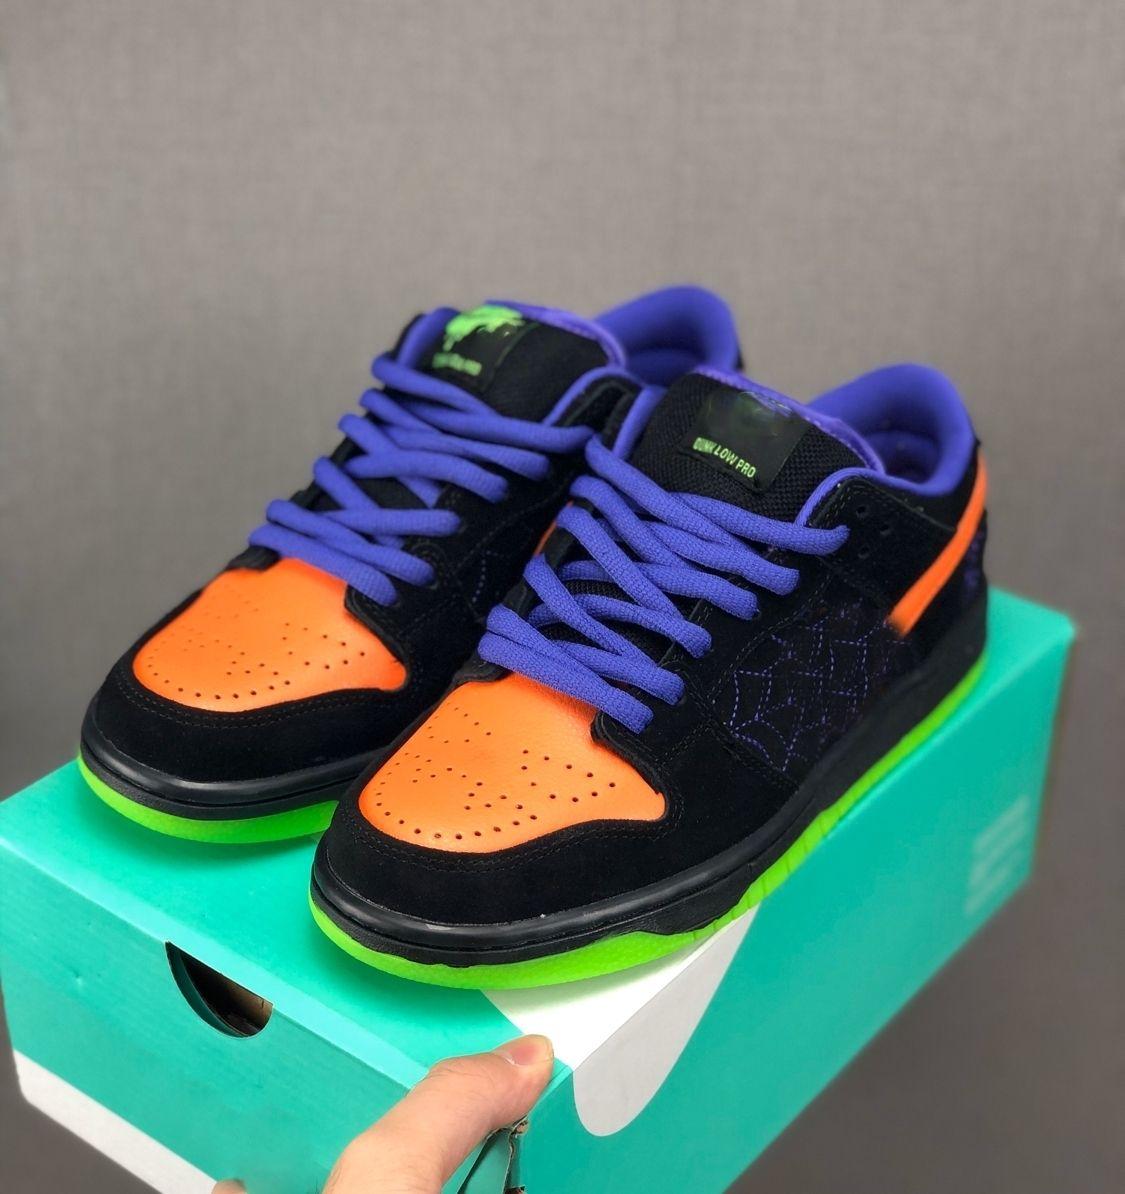 2019 6817 006 Sb Dunk Low Night Of Mischief BQ preto total Laranja Tribunal roxo Volt Halloween Homens Running Sports Sneakers Outdoor Shoes